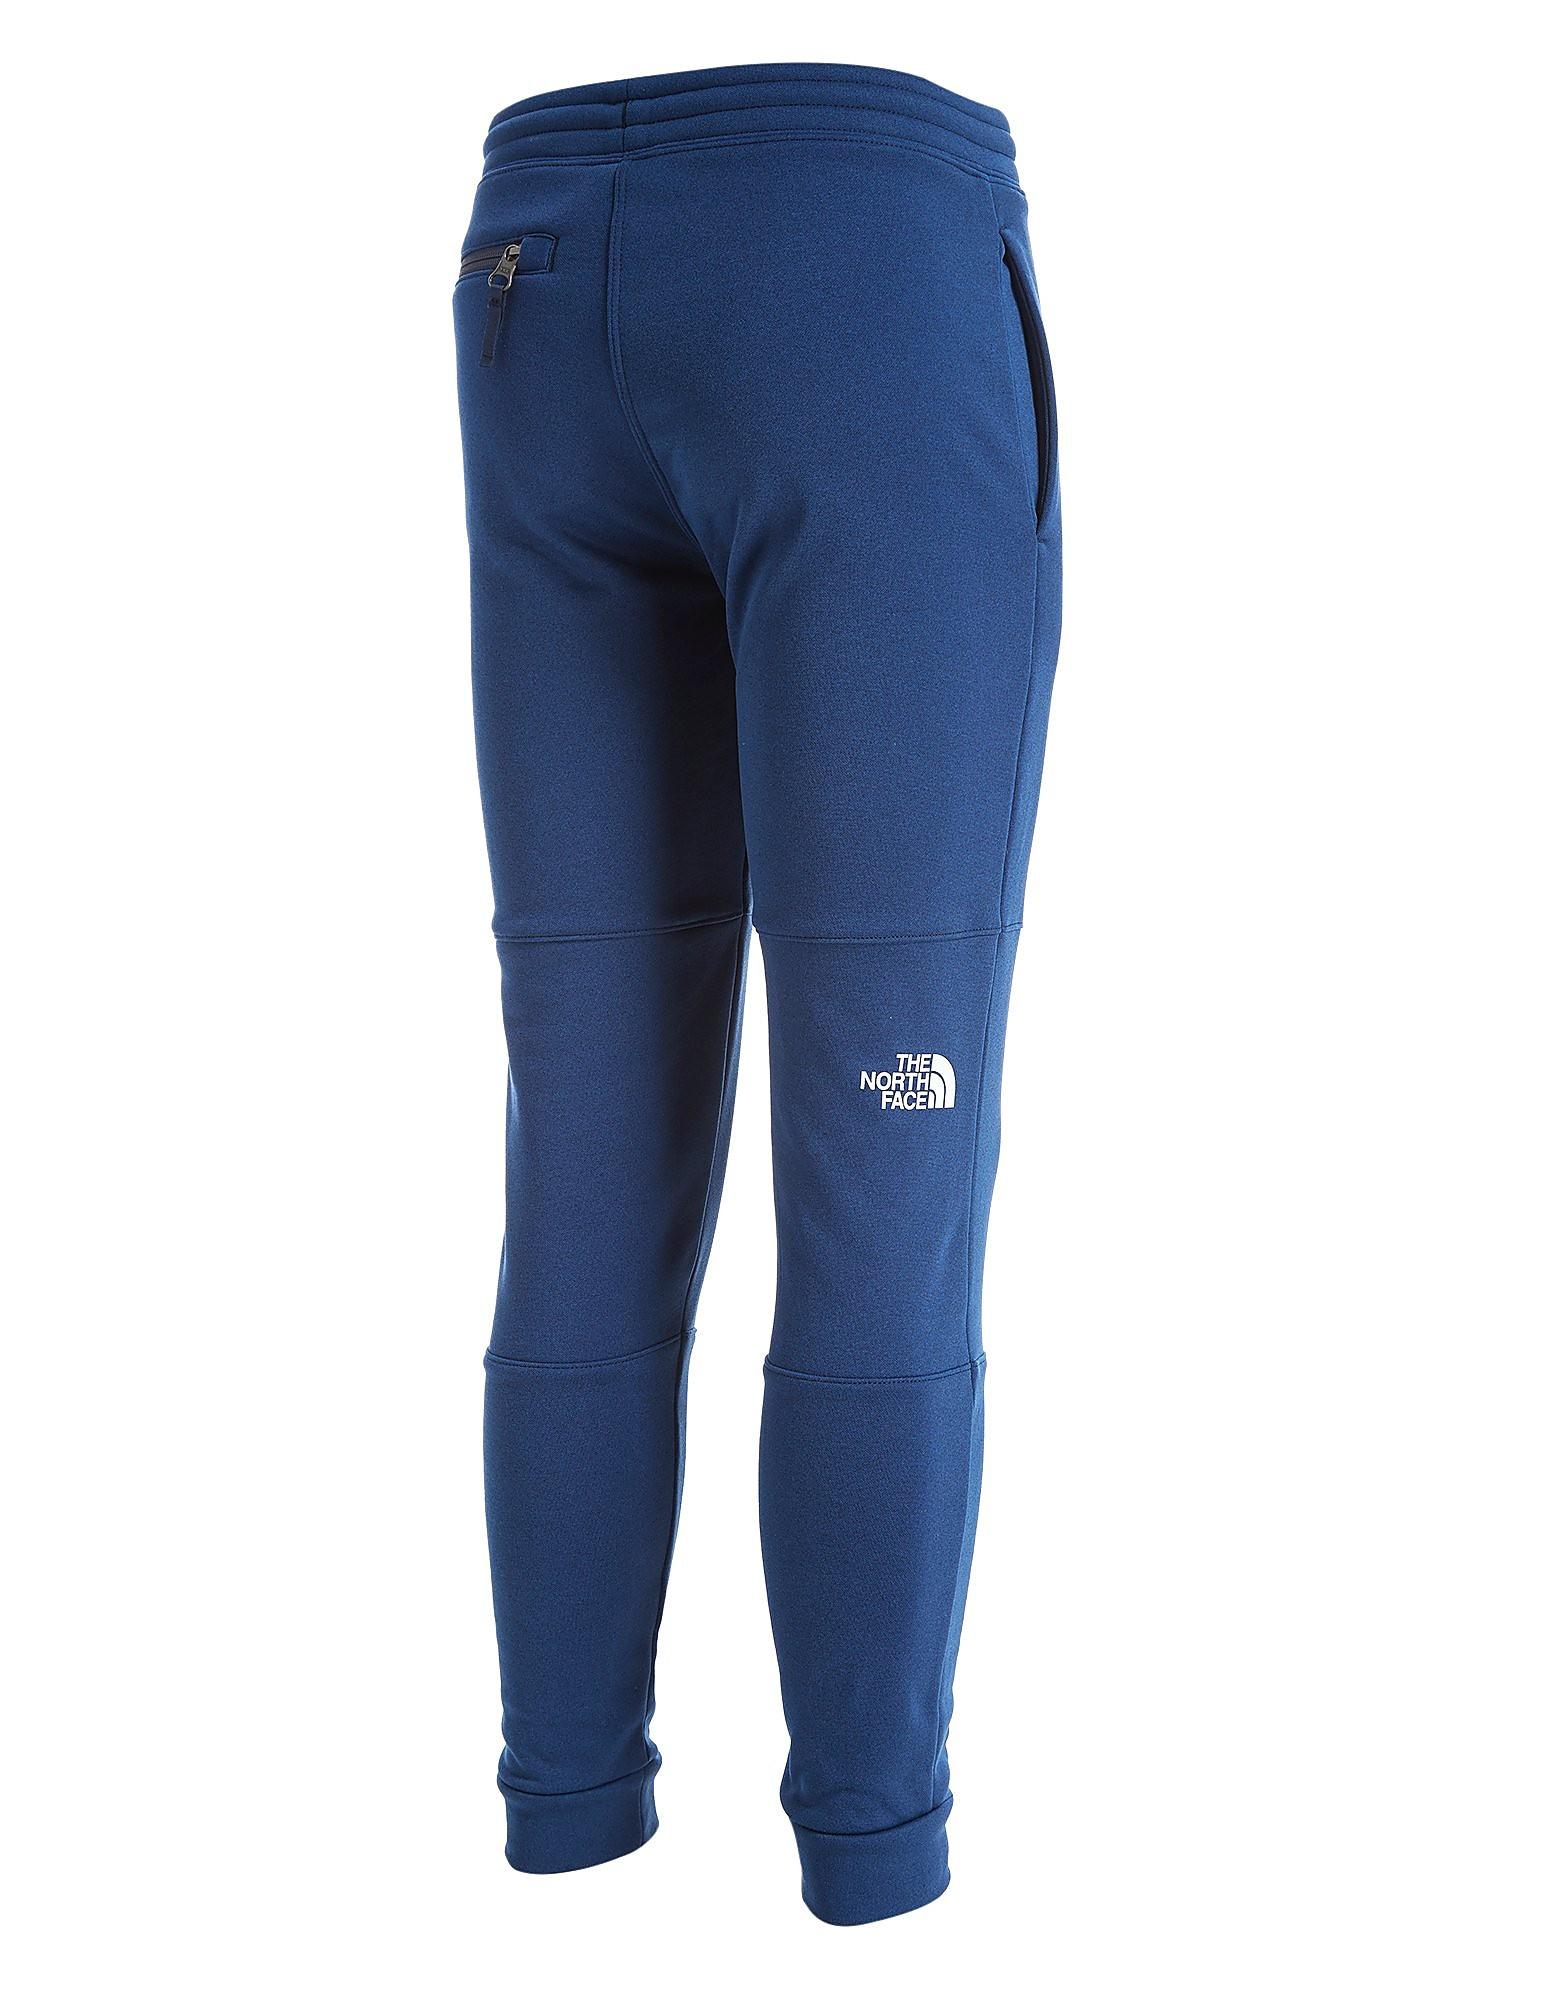 The North Face Mittellegi Pants Junior